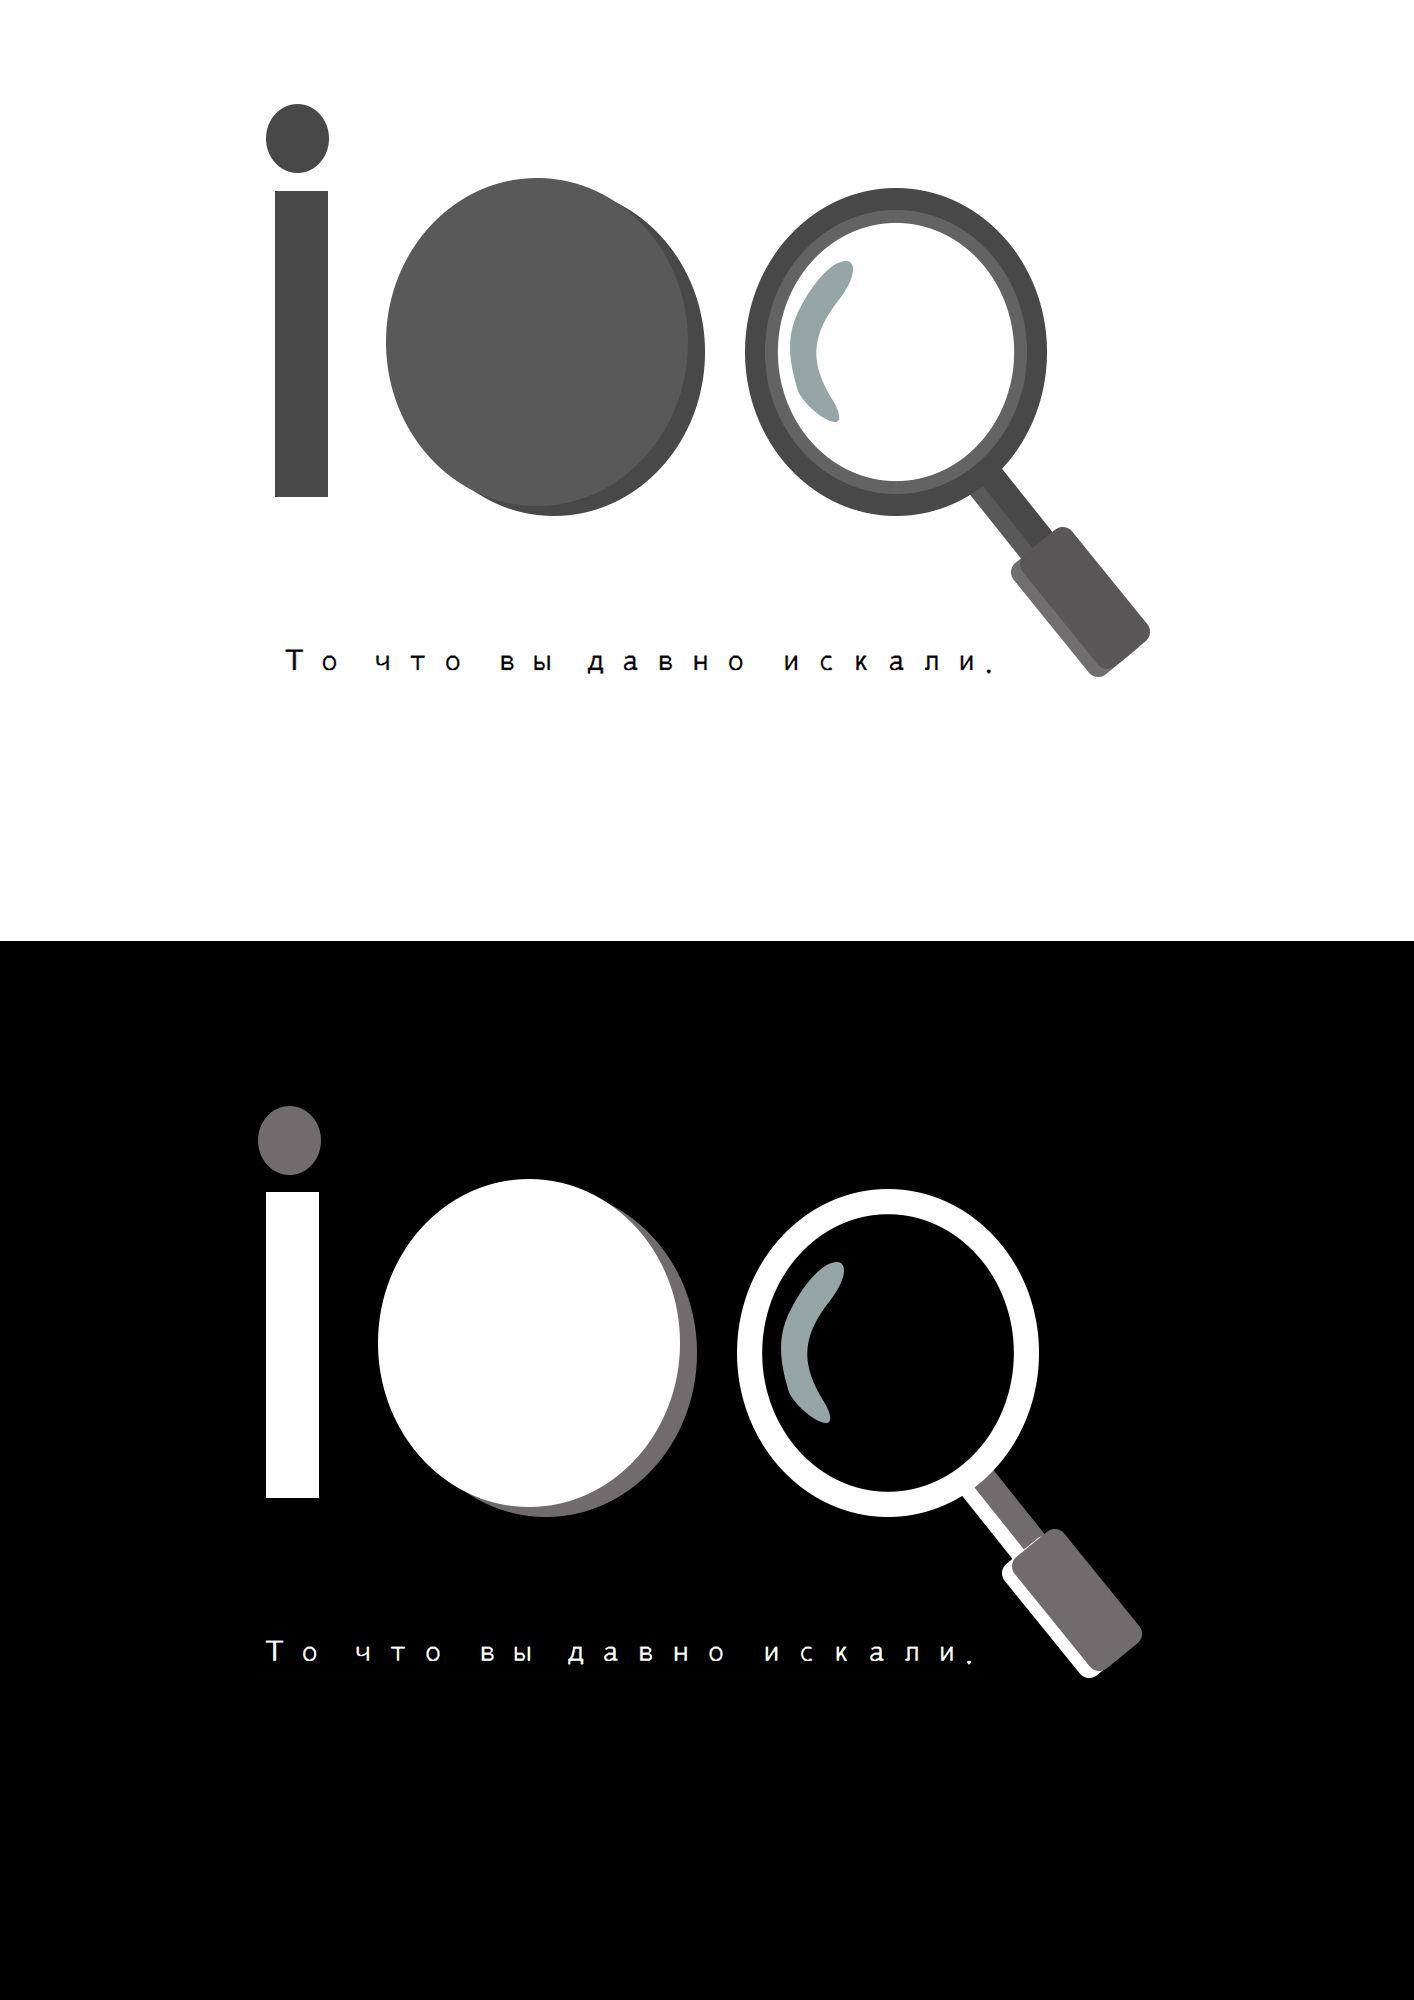 Логотип для Логотип для ioo.ru (мебель, товары для дома) - дизайнер a_novik_n